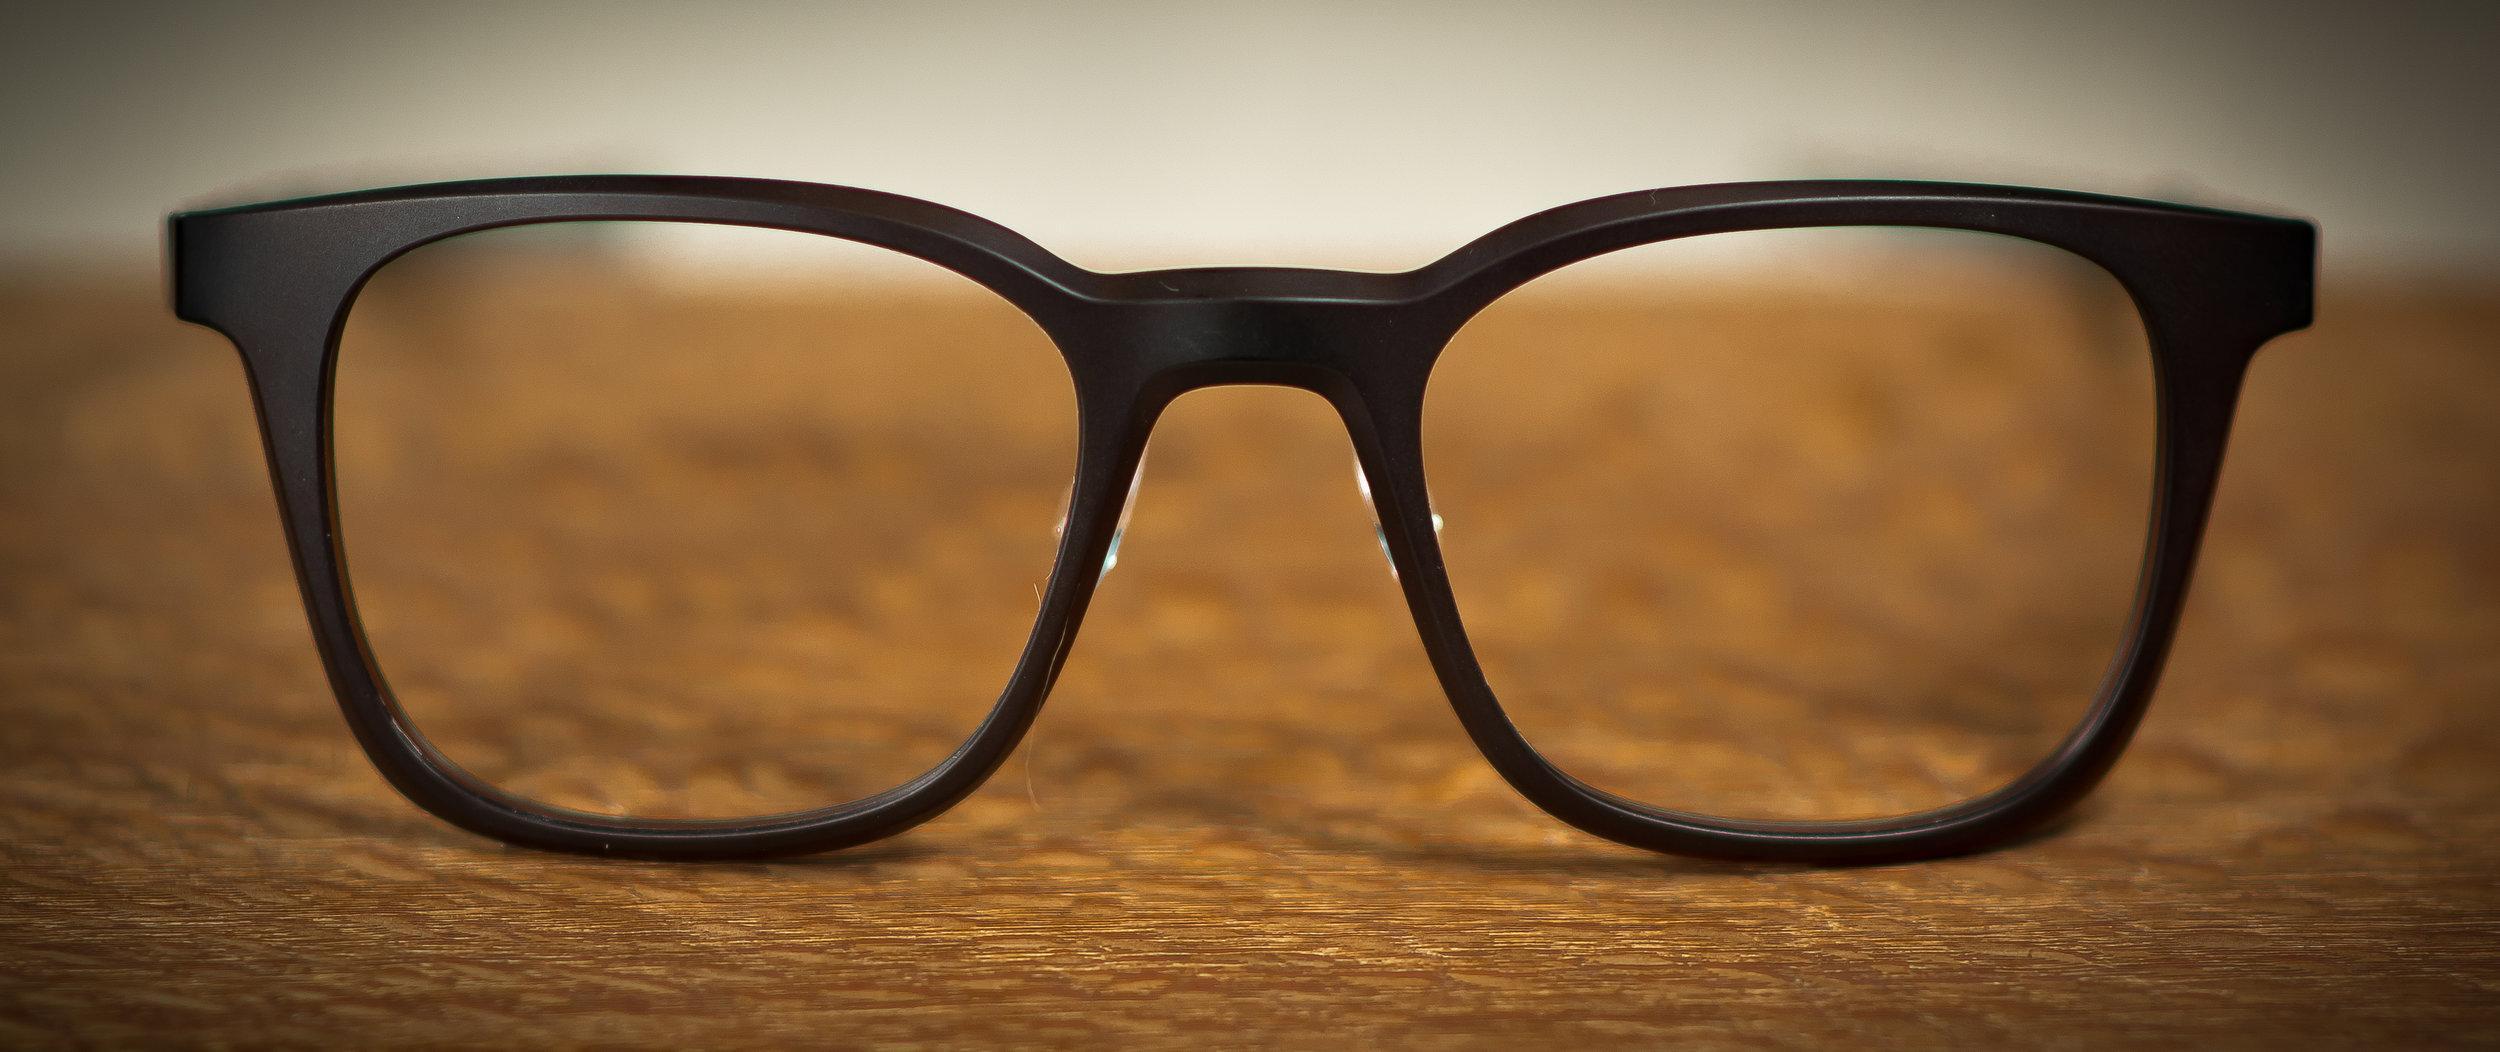 Oakley+Steel+Liner